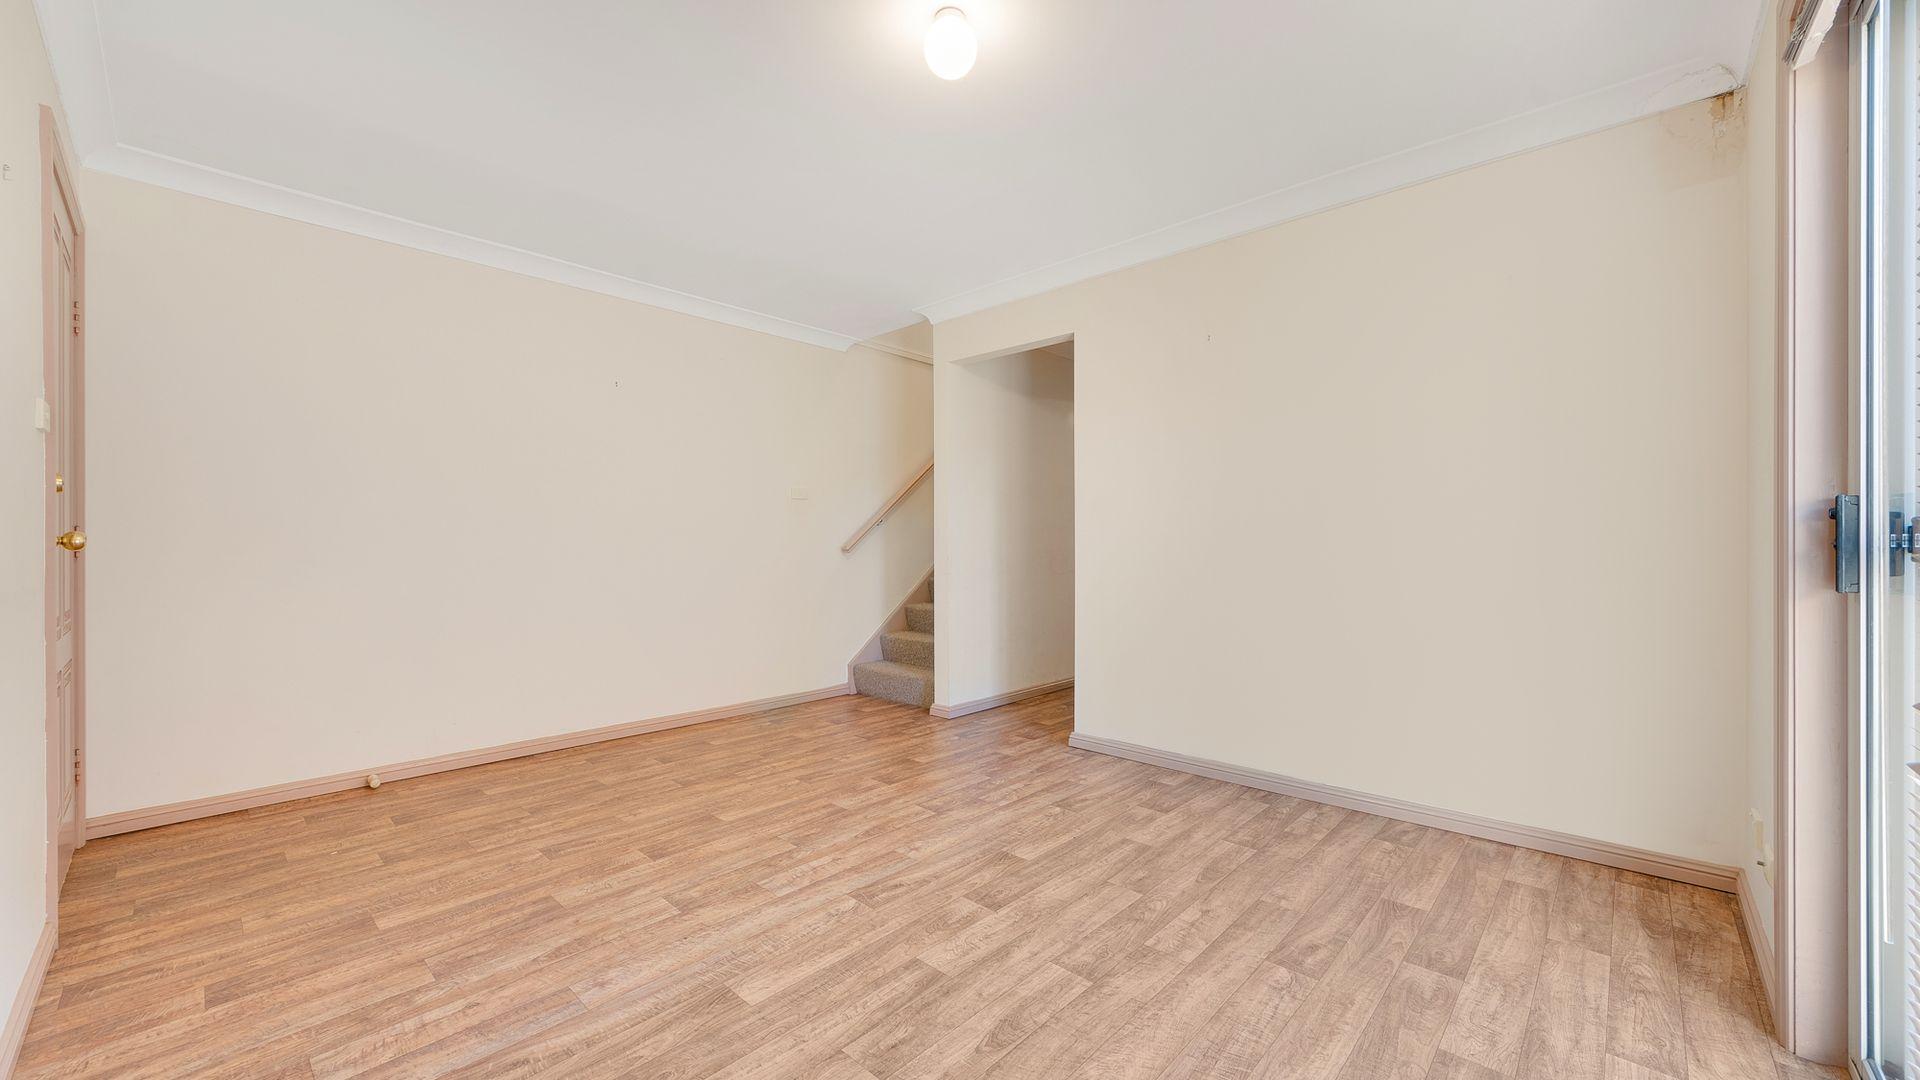 Narellan Vale NSW 2567, Image 1